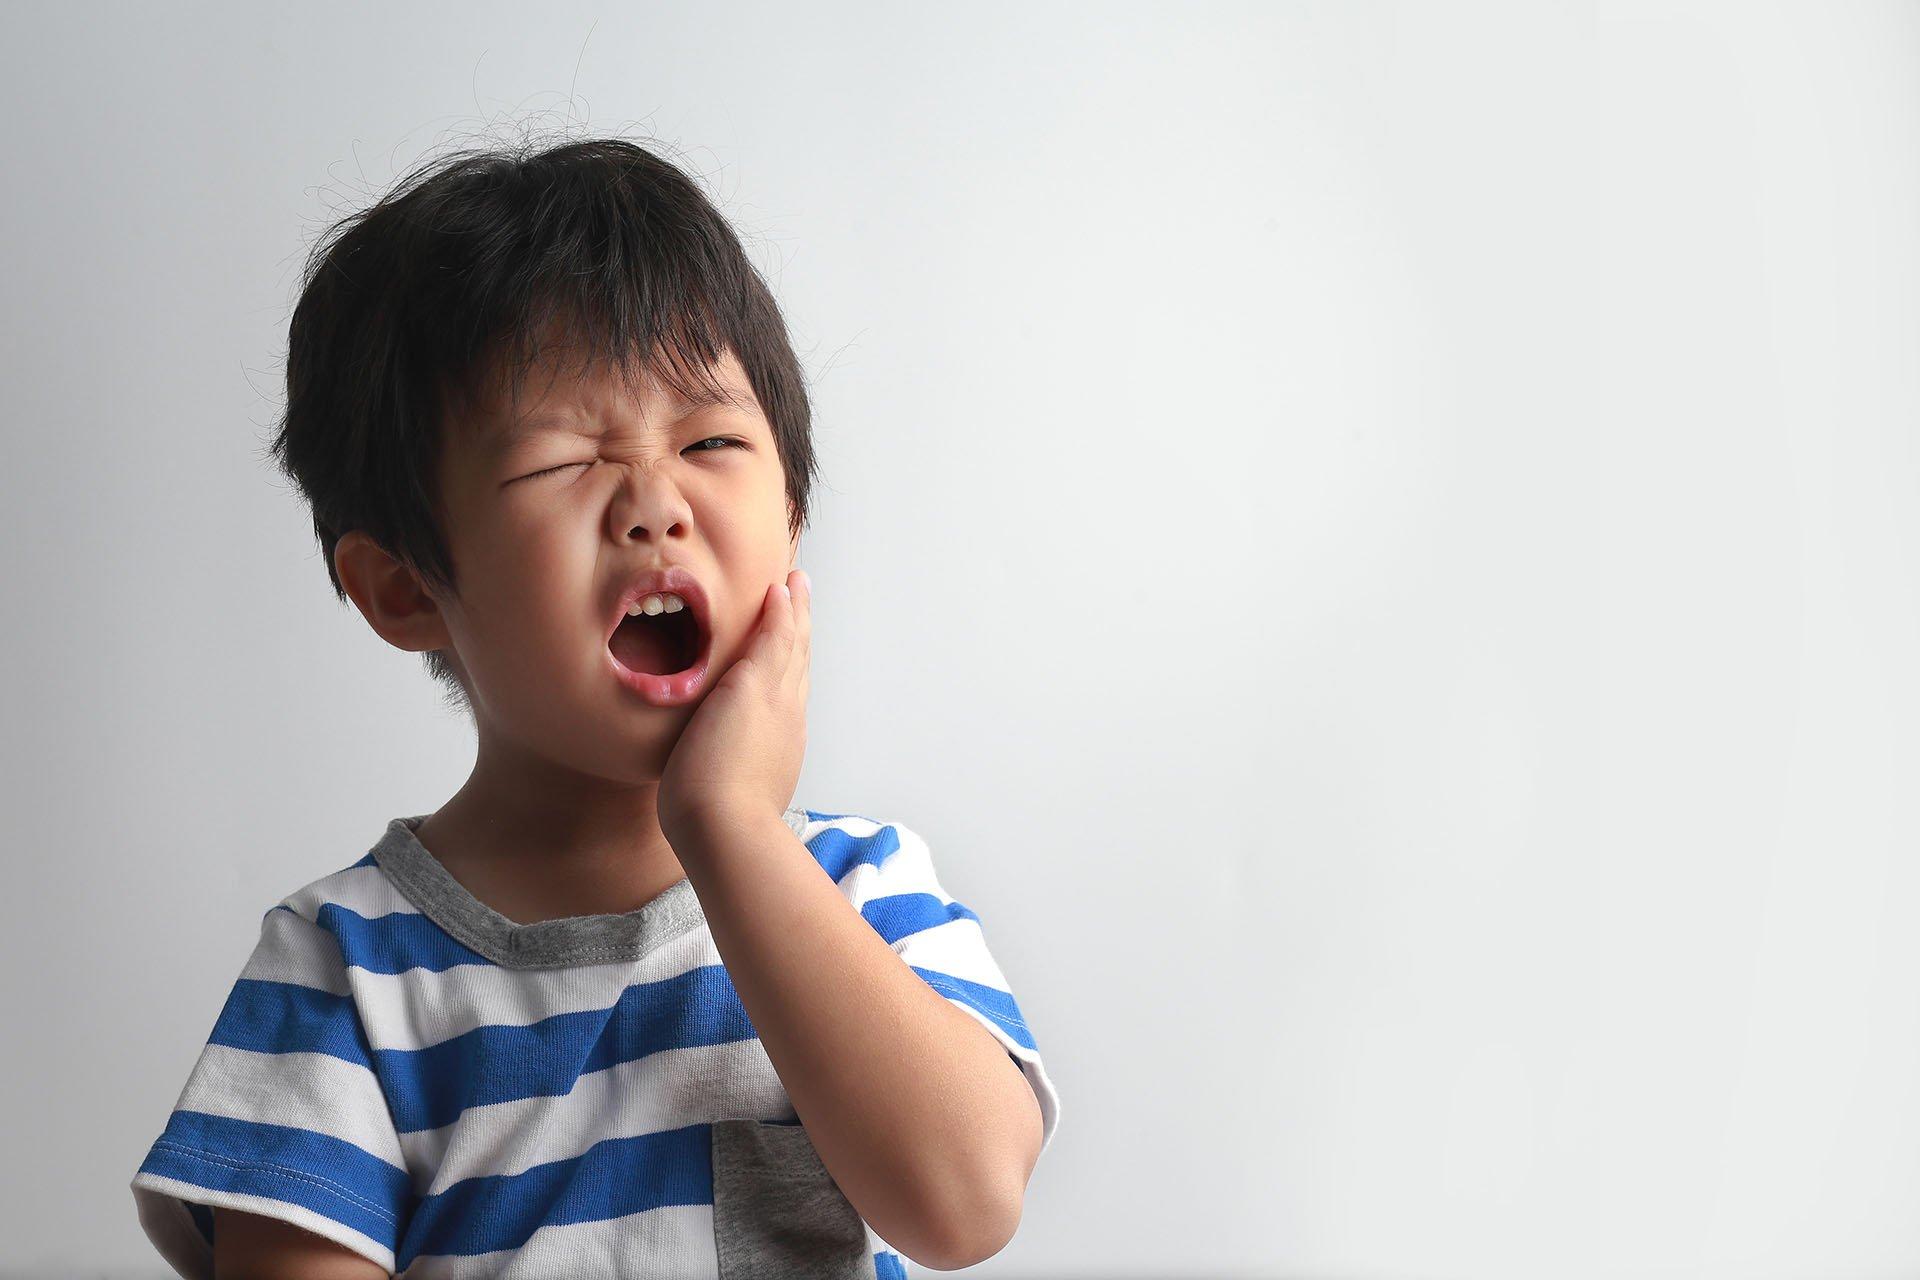 Хүүхдийн шүдний цоорол болон учирч болох хүндрэлүүд